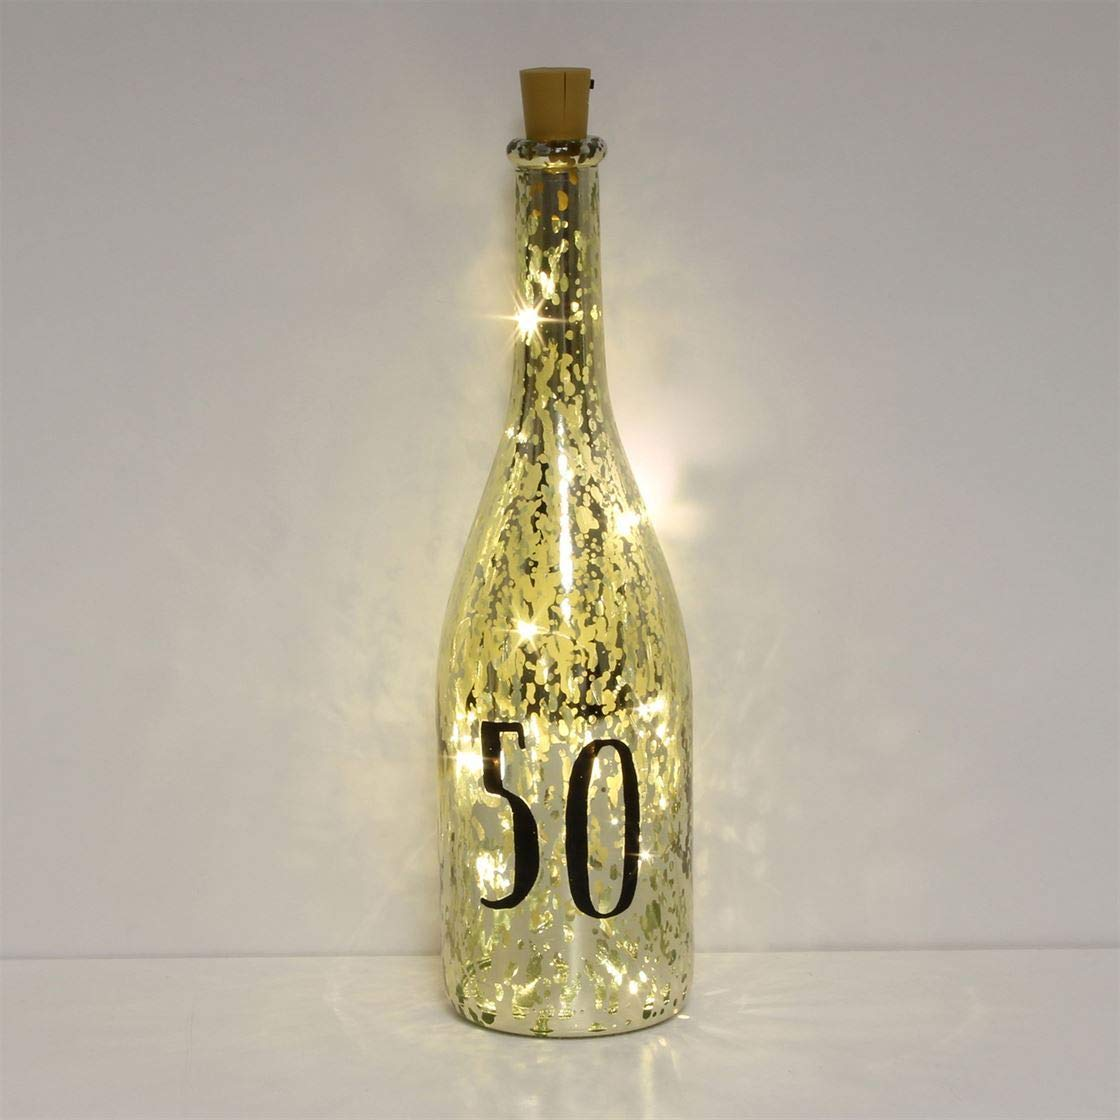 Gold Crackle Glaze Battery Light Up Bottle